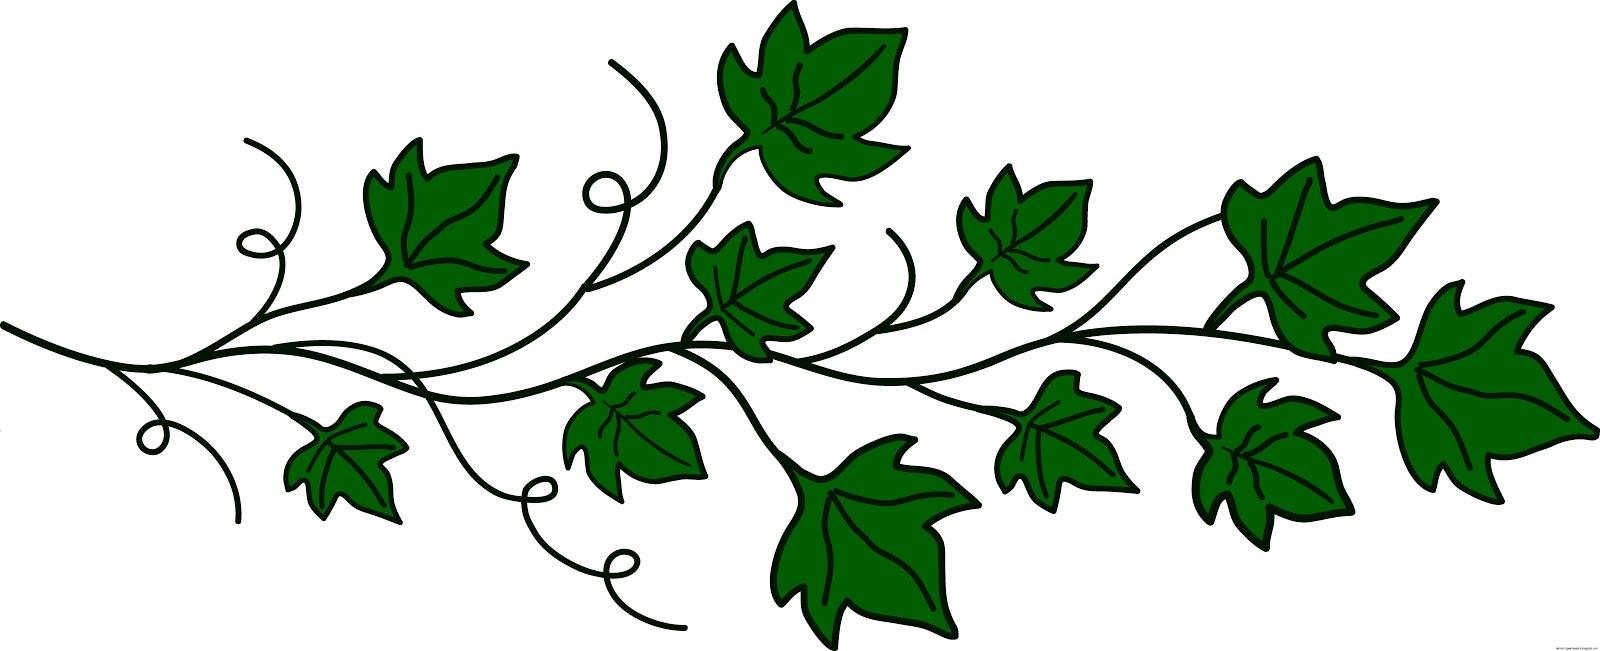 Ivy Leaf Vine Clip Art